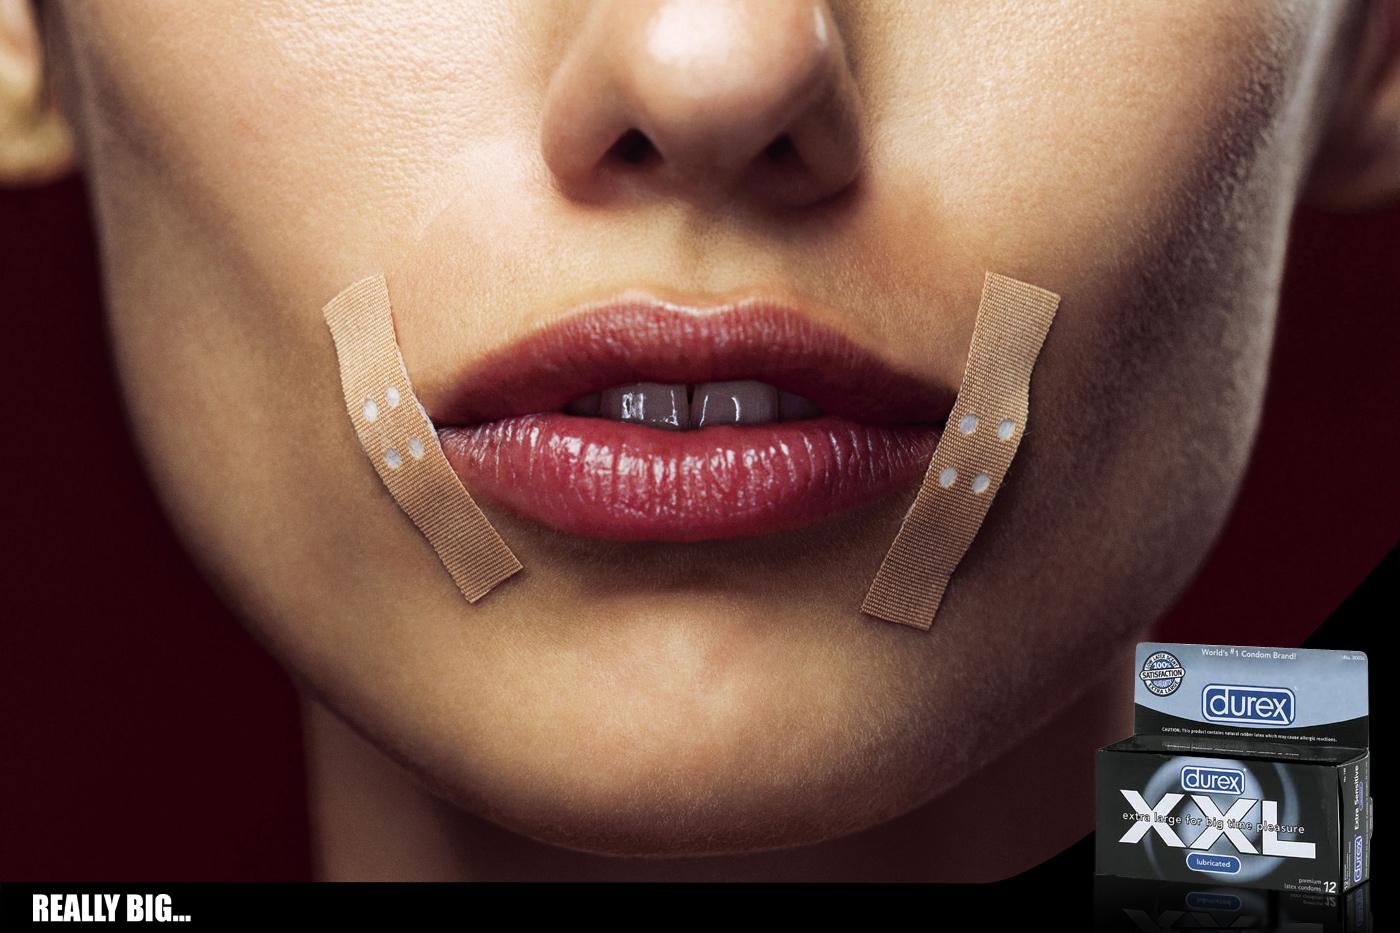 Anuncios creativos de Preservativos